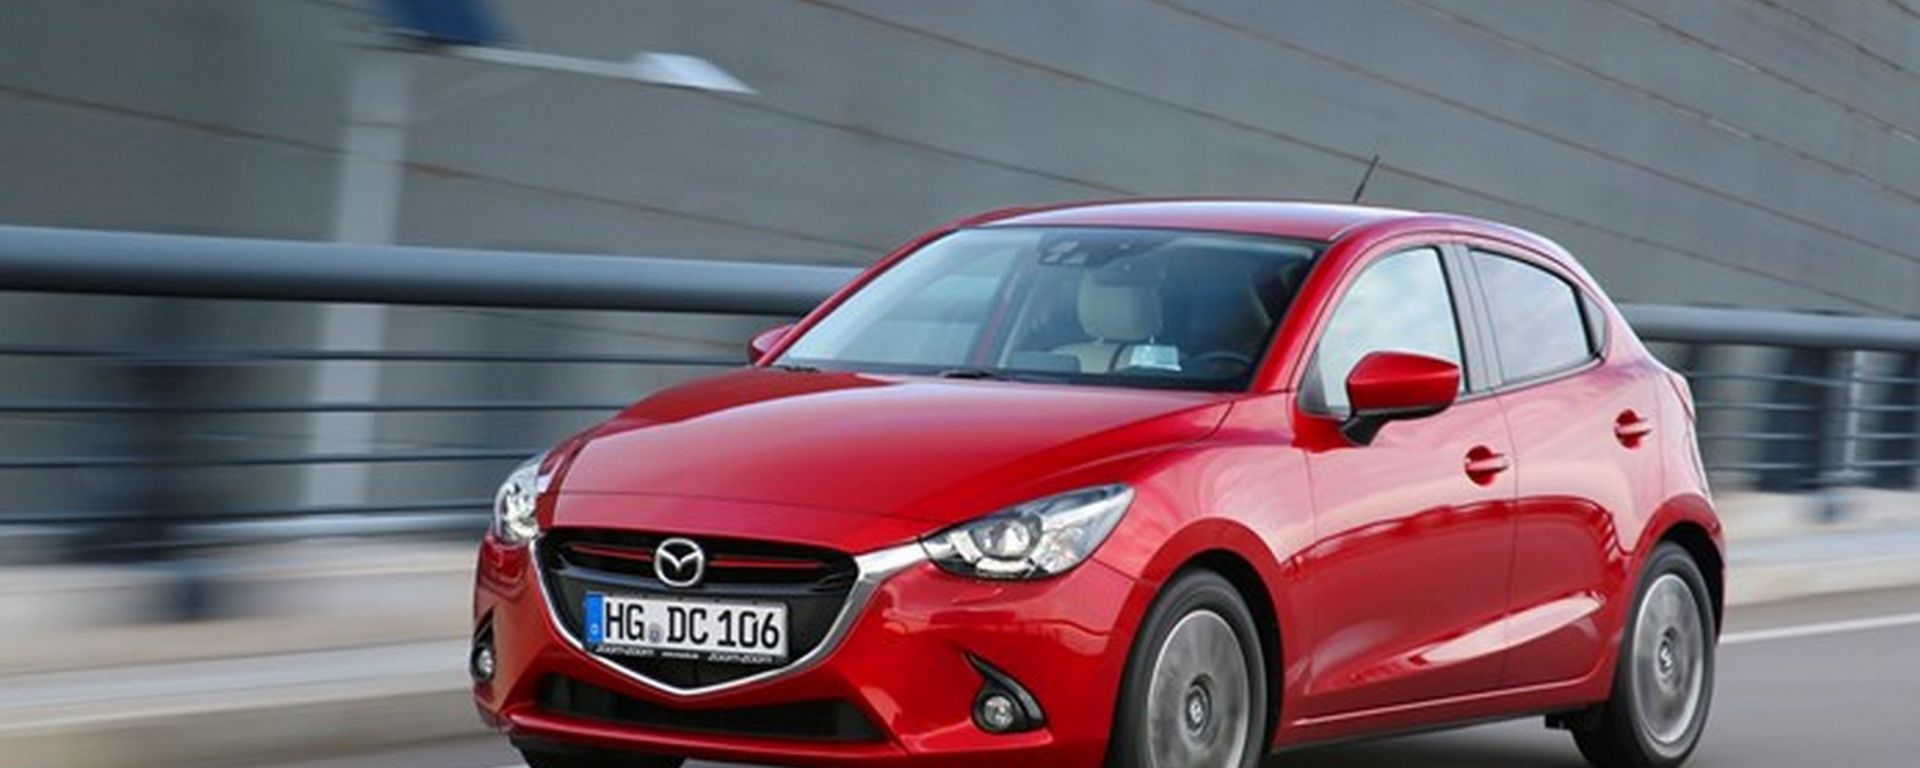 Mazda2 2018: motori Euro 6d TEMP su tutta la gamma